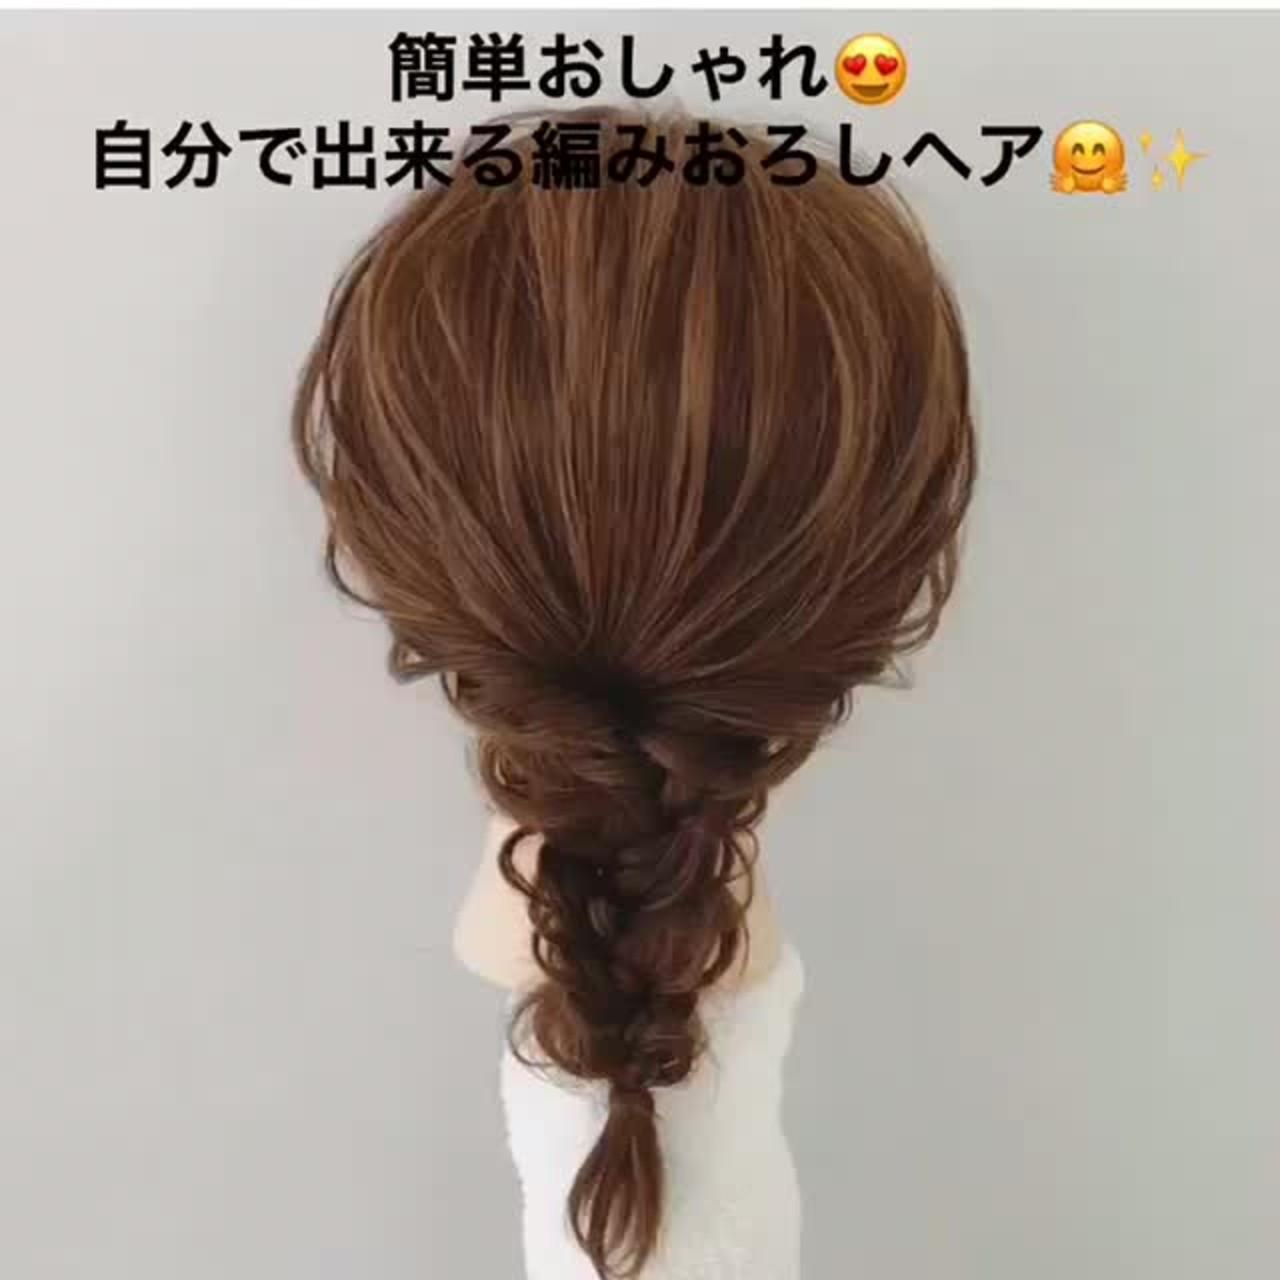 シーンを選ばない!女性の好感度アップヘアアレンジ 新谷 朋宏